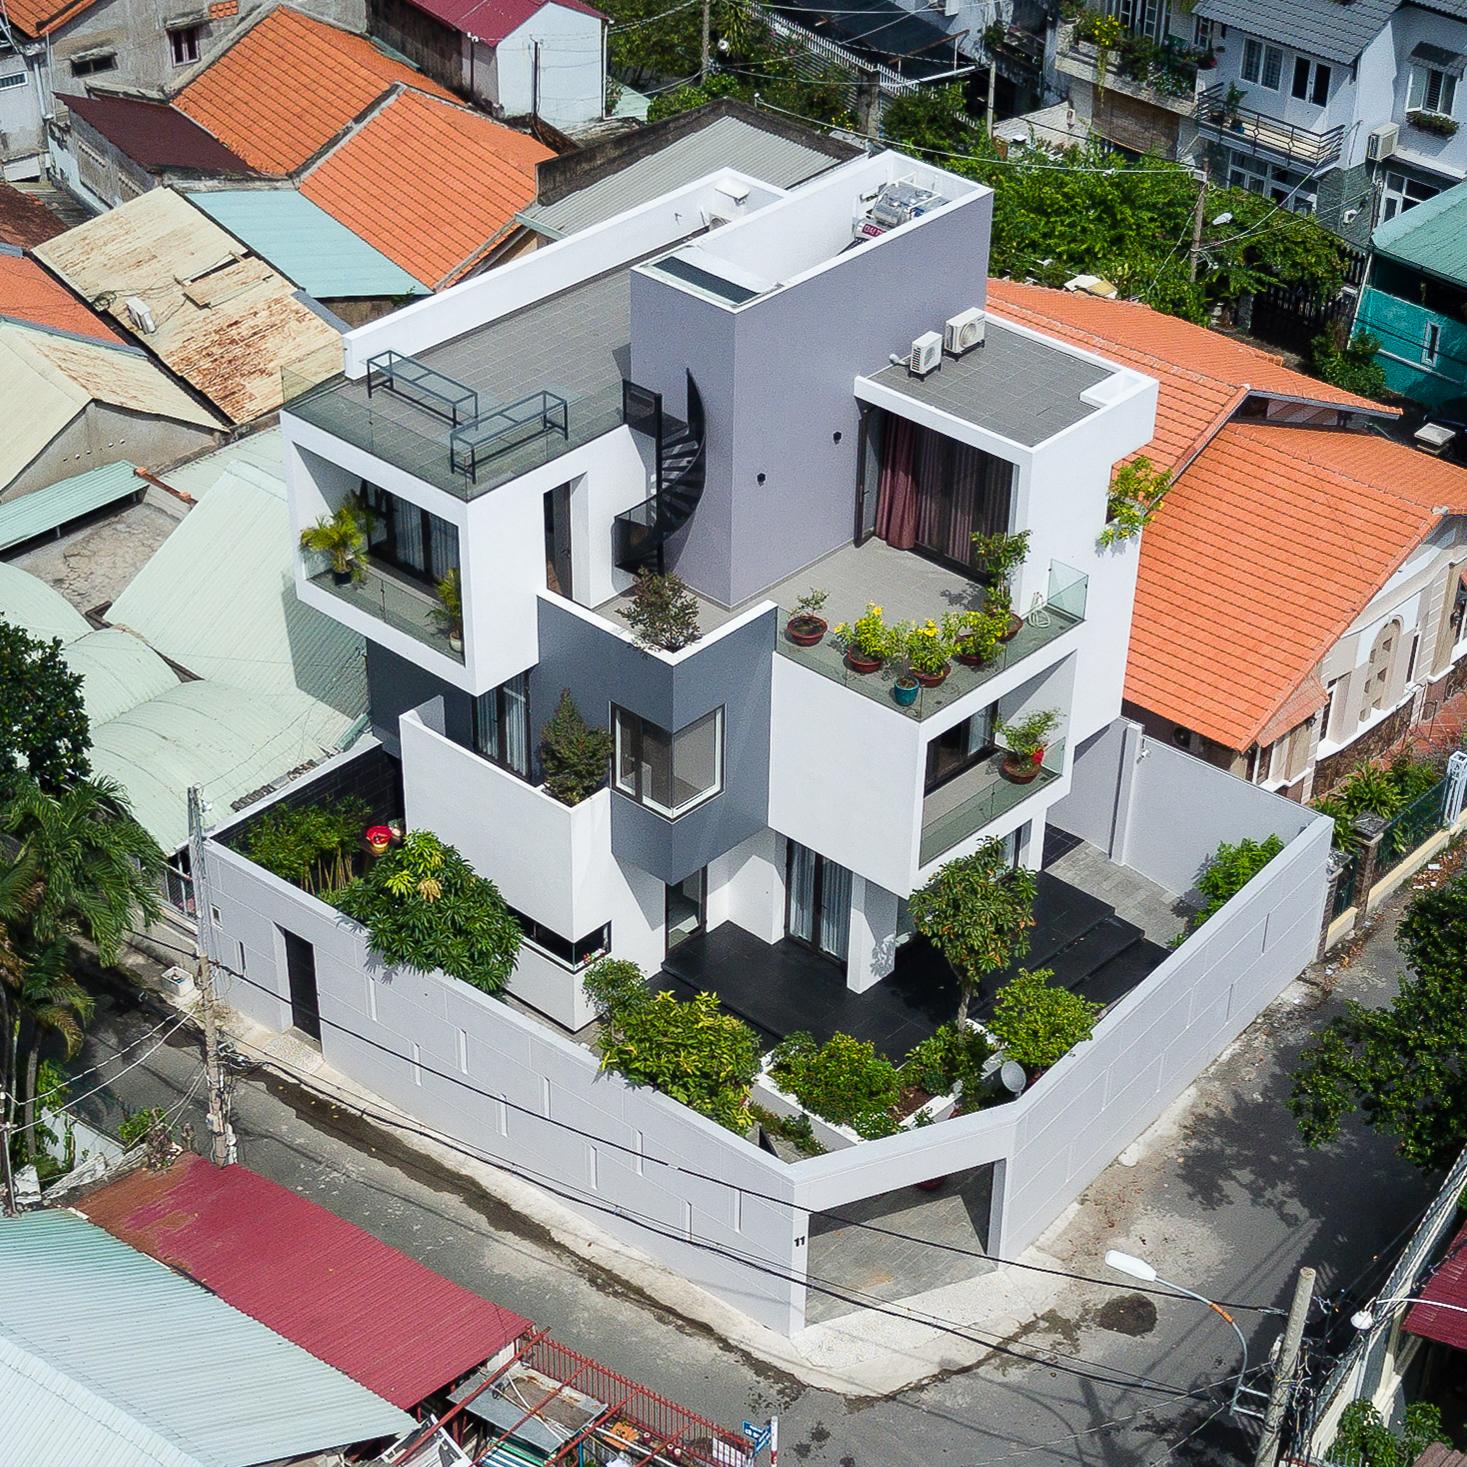 Nhà đẹp Sài Gòn - Hồ Chương House 1